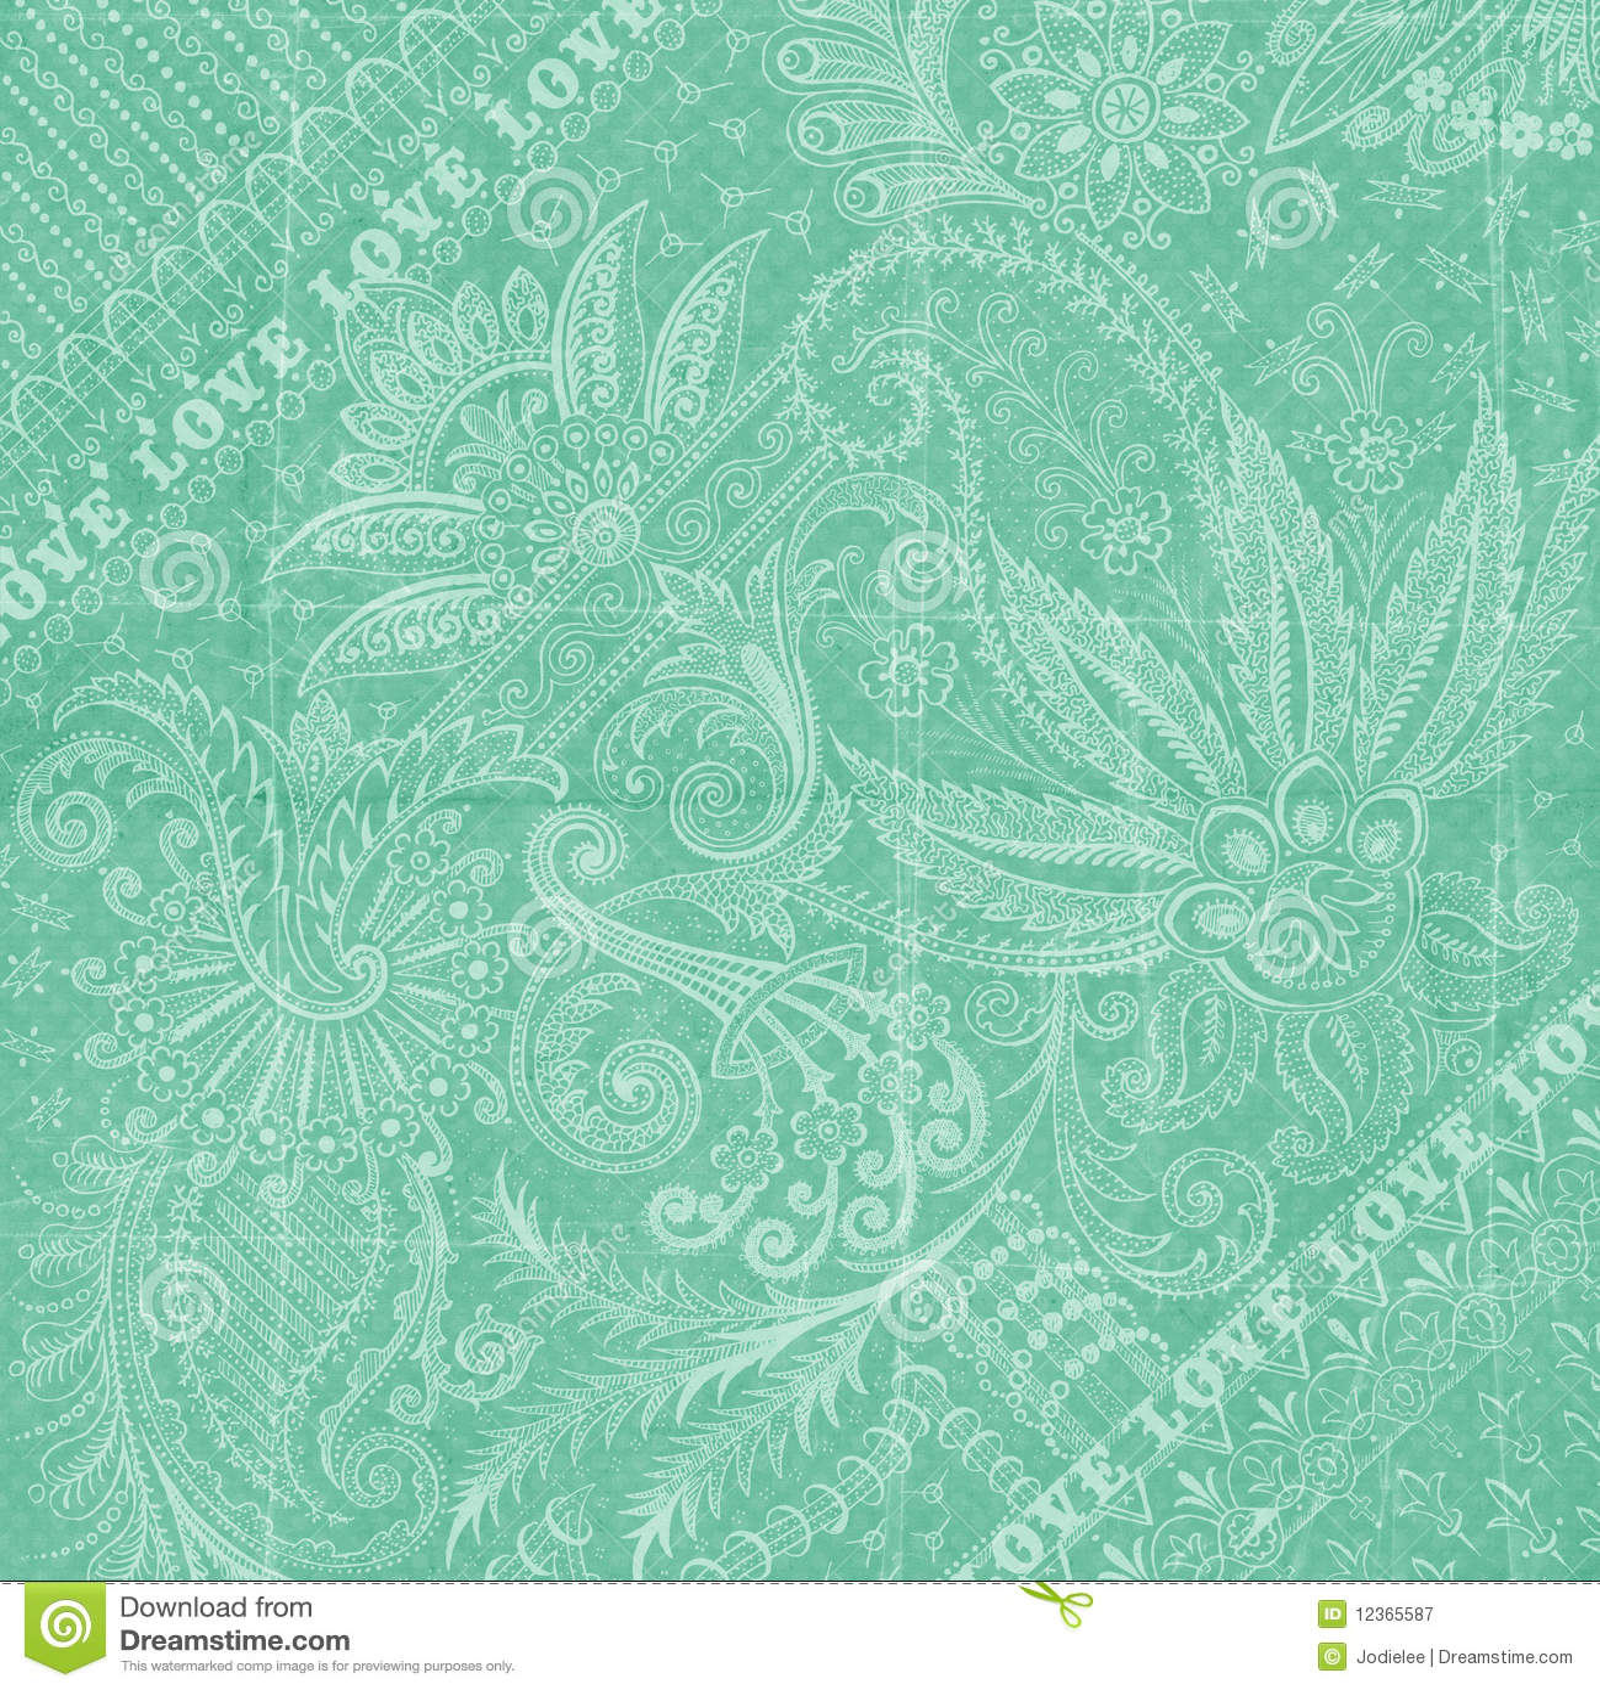 古色古香的花卉水色背景蓝色锦缎